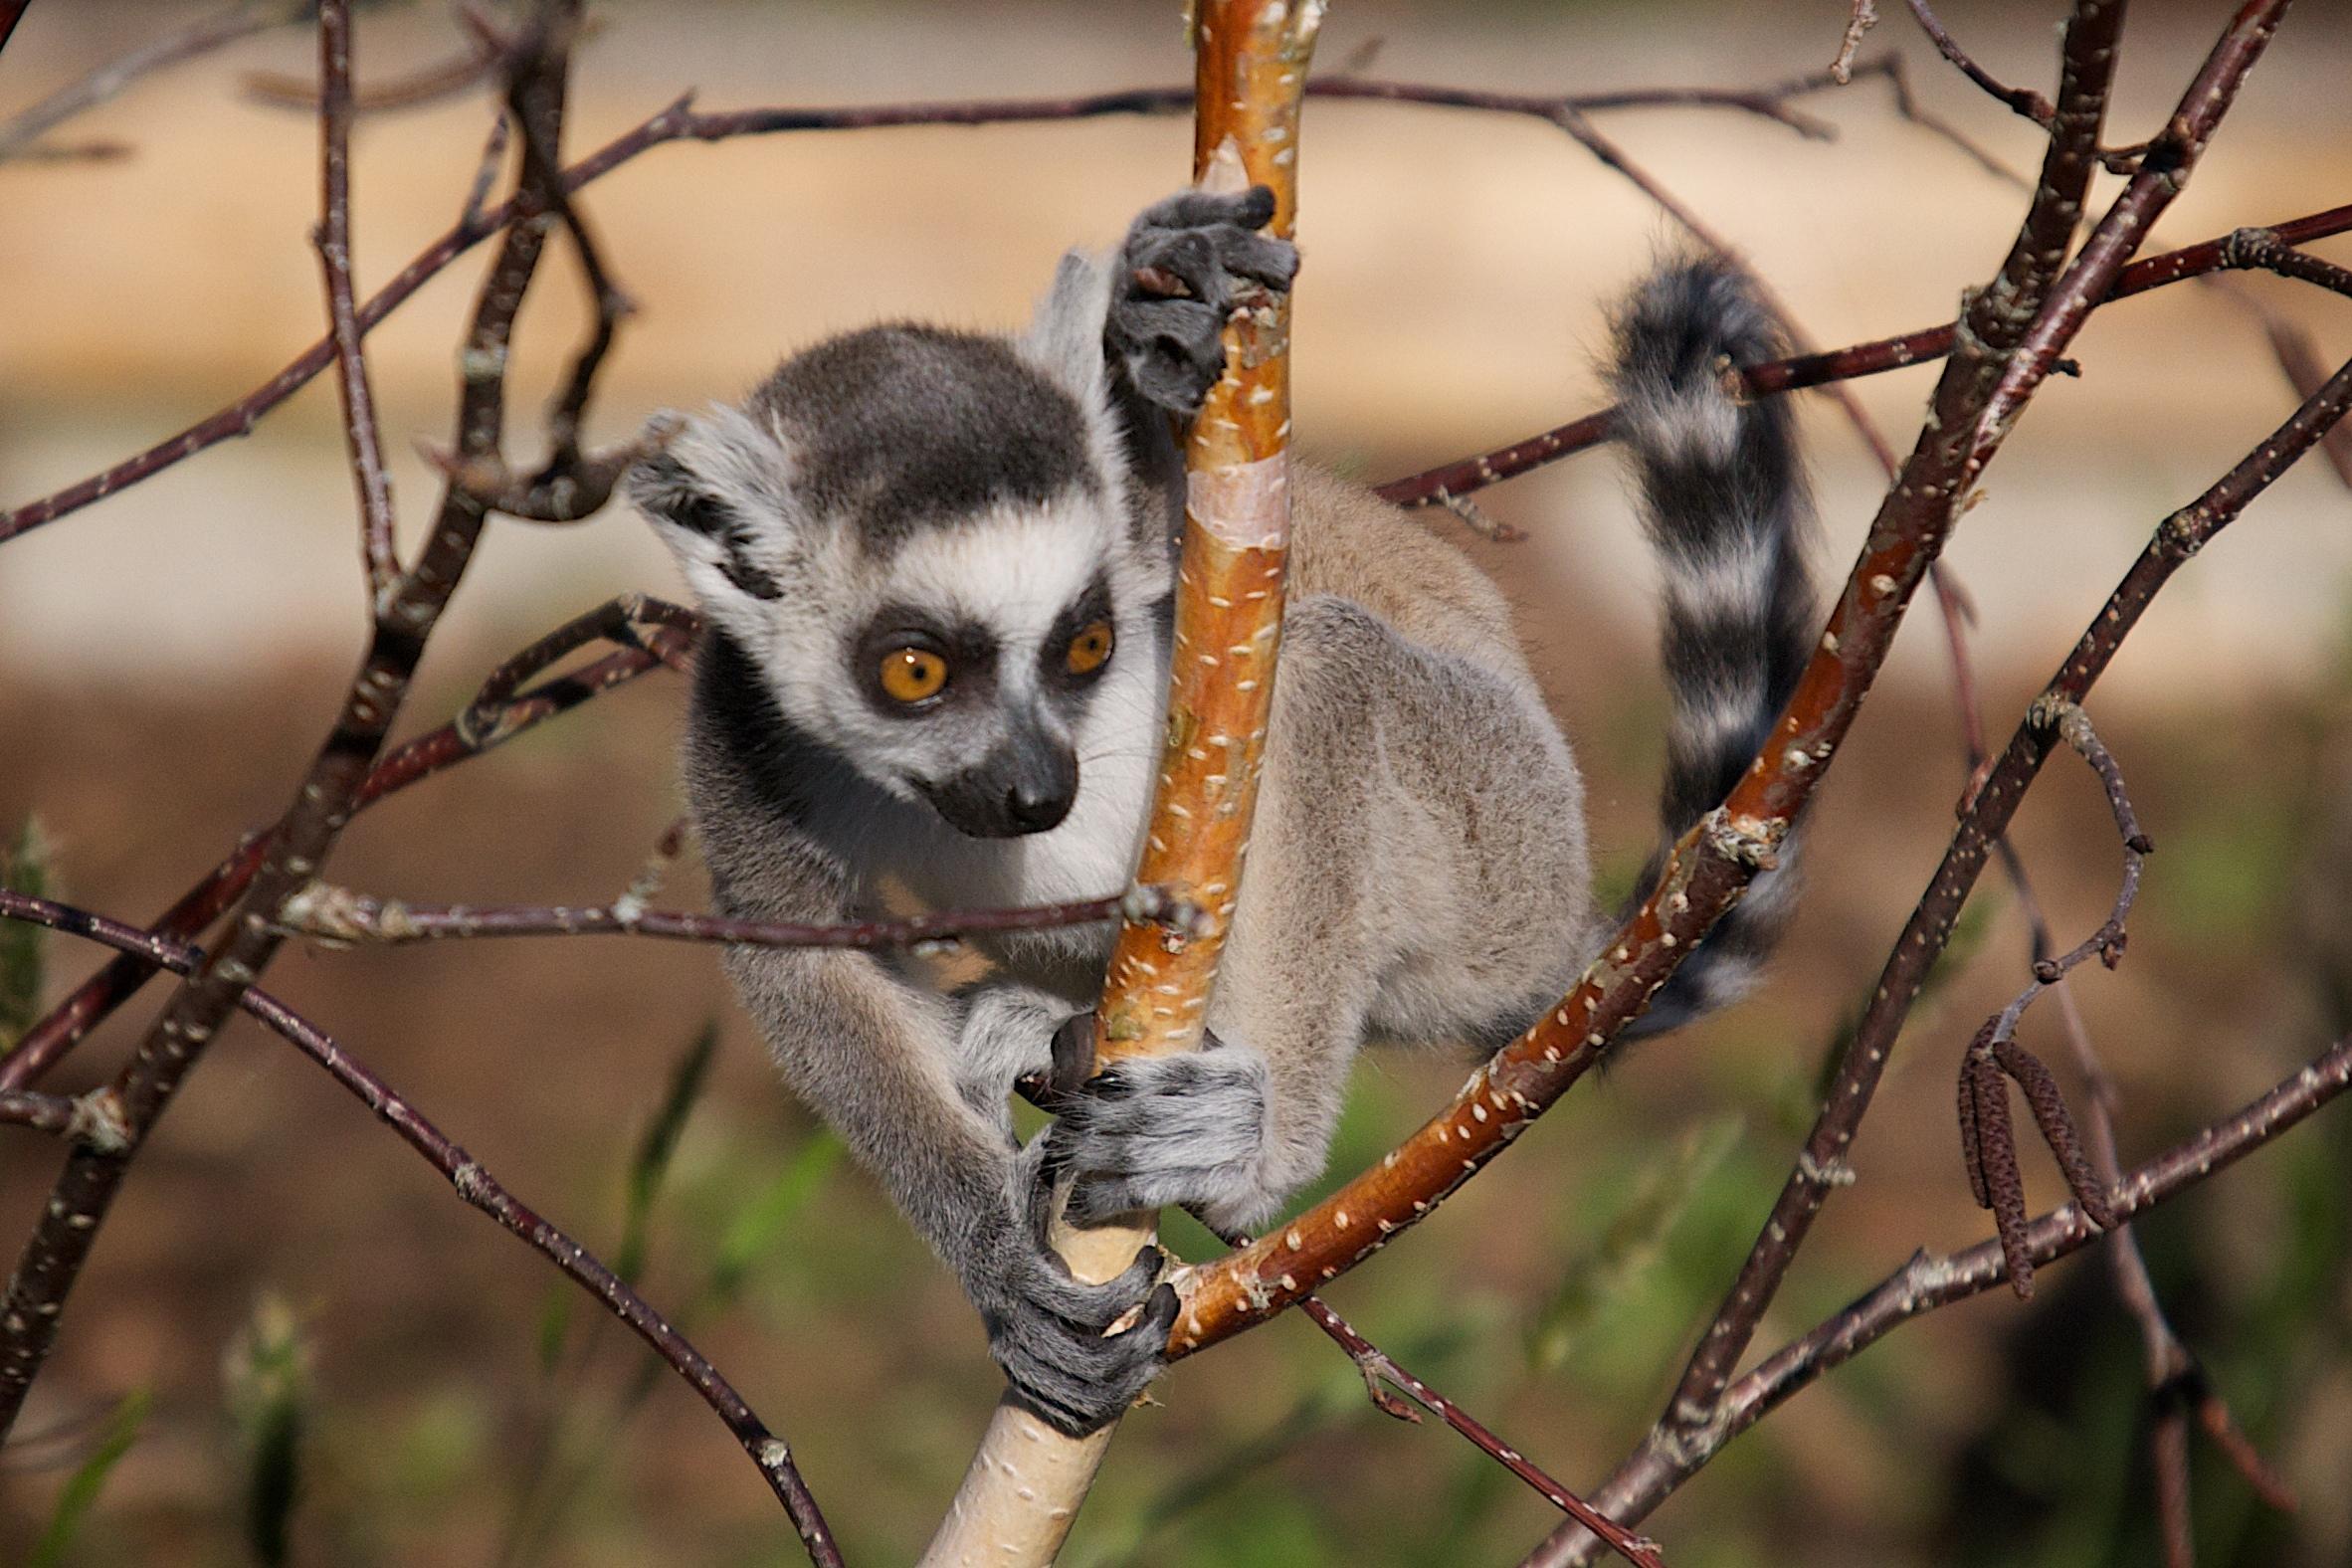 Jersey Zoo Kirindy Wee Ringtailed Lemur 5.jpg